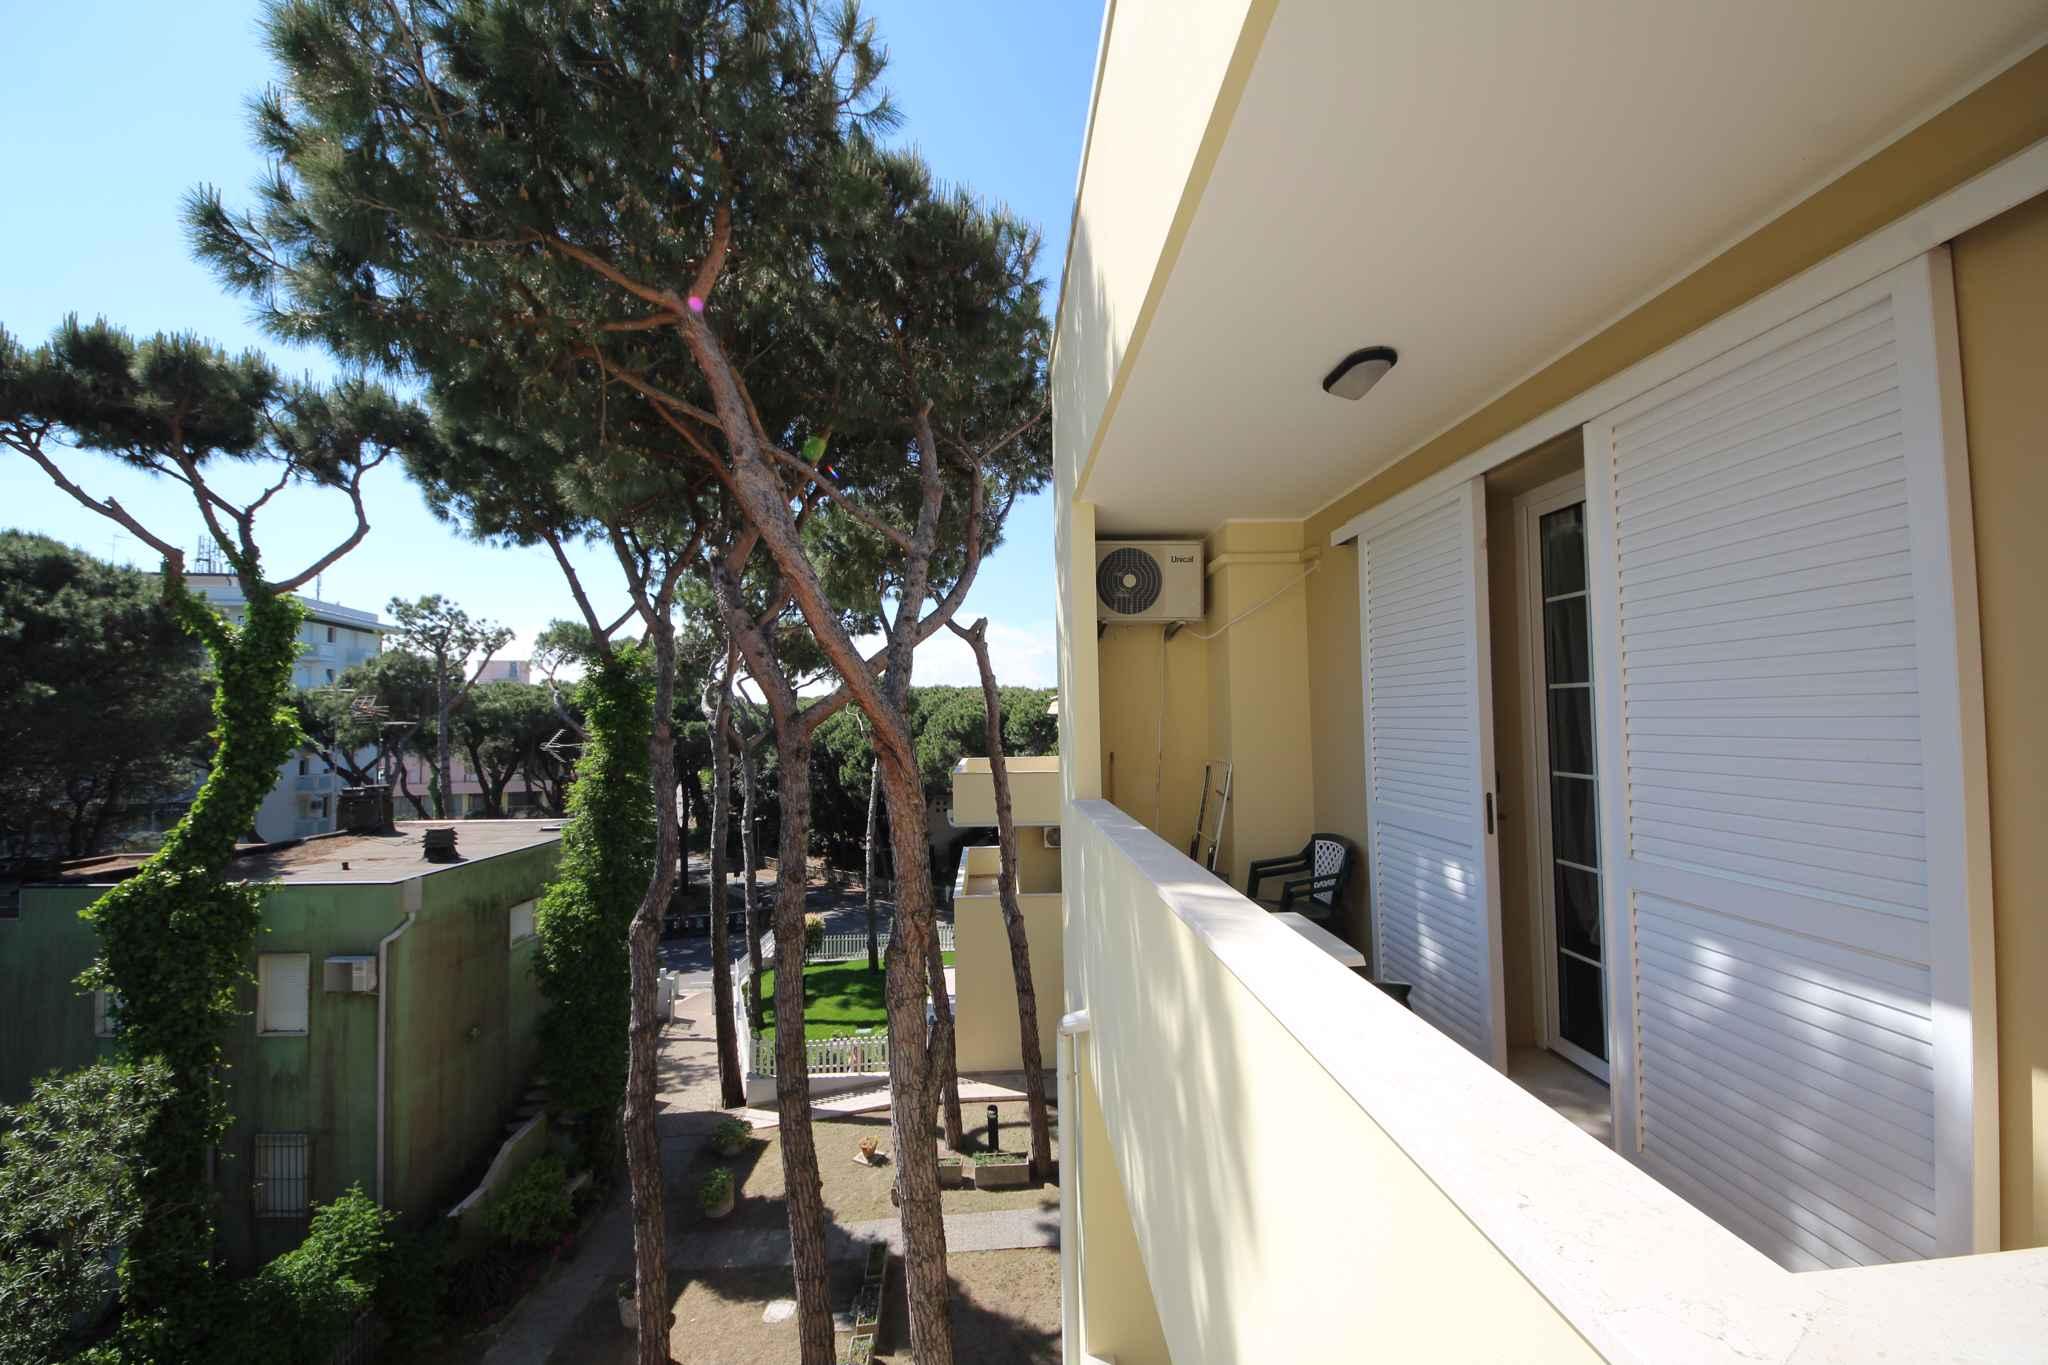 Ferienwohnung con terrazza o balcone (284301), Rosolina Mare, Rovigo, Venetien, Italien, Bild 3